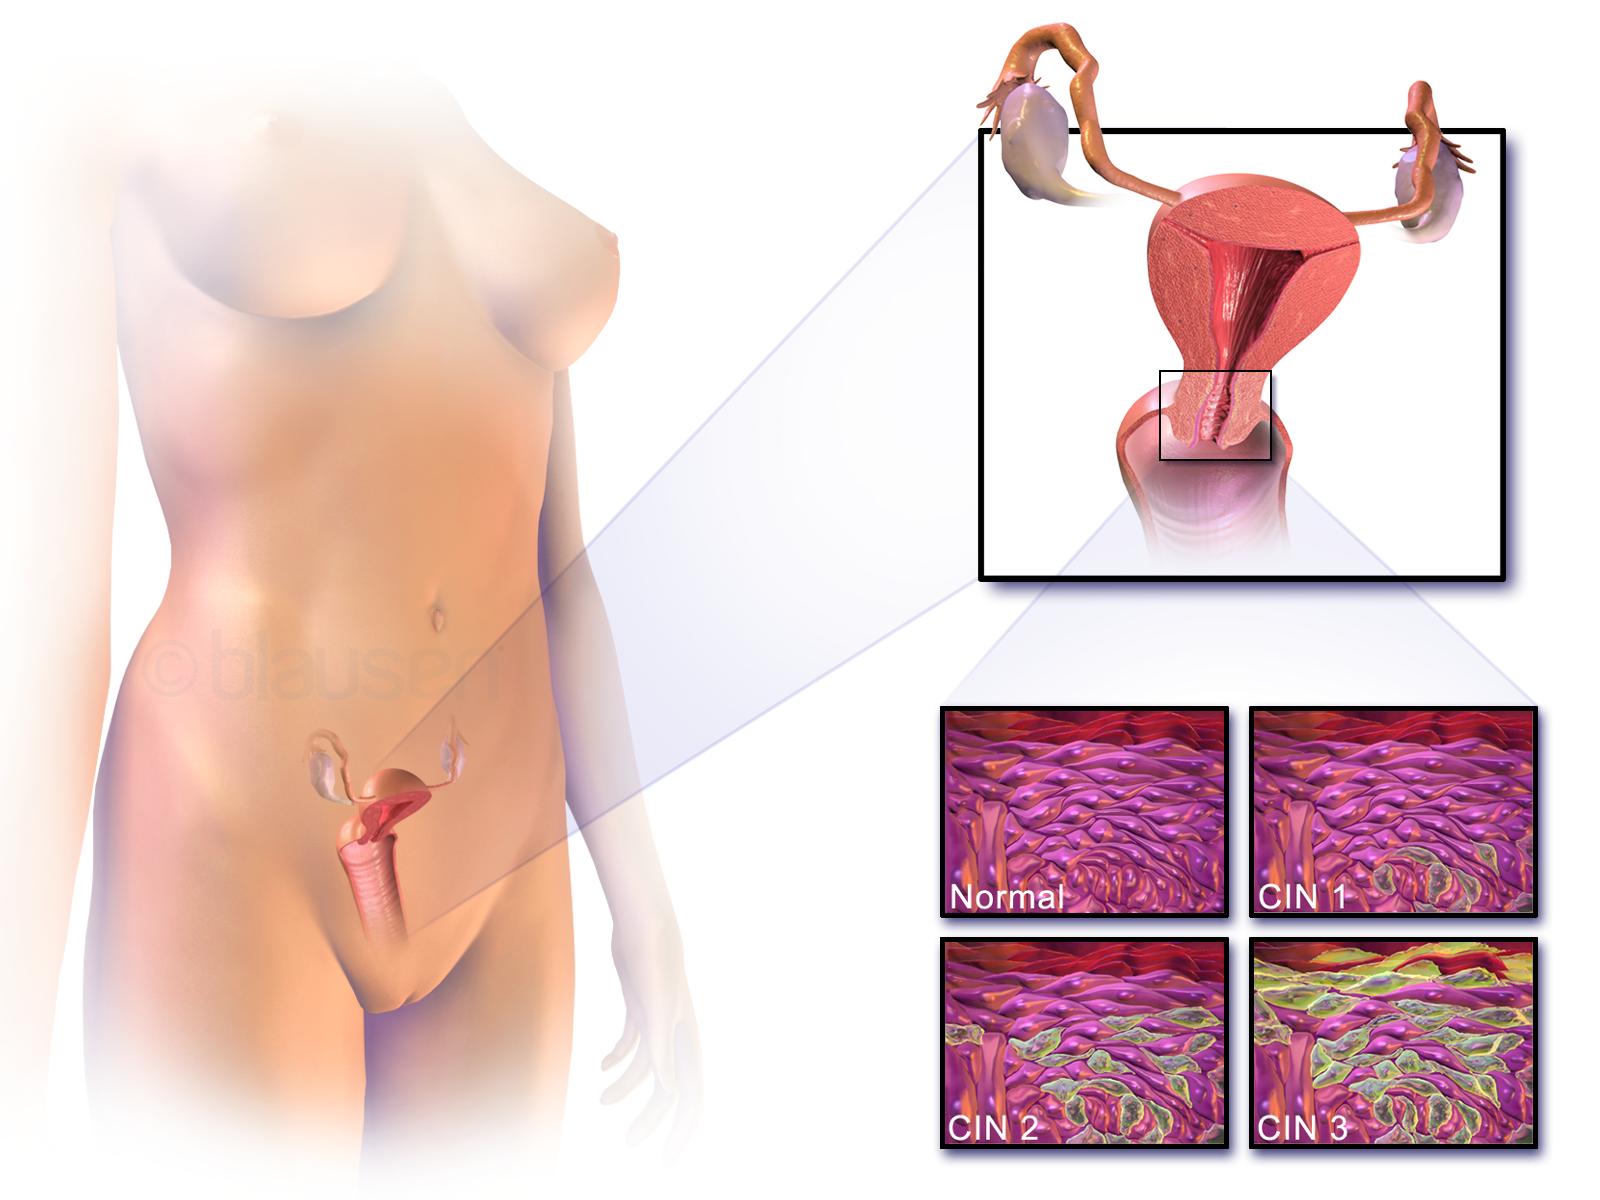 plasturi pentru detoxifierea organismului cancer sarcoma tejido blando